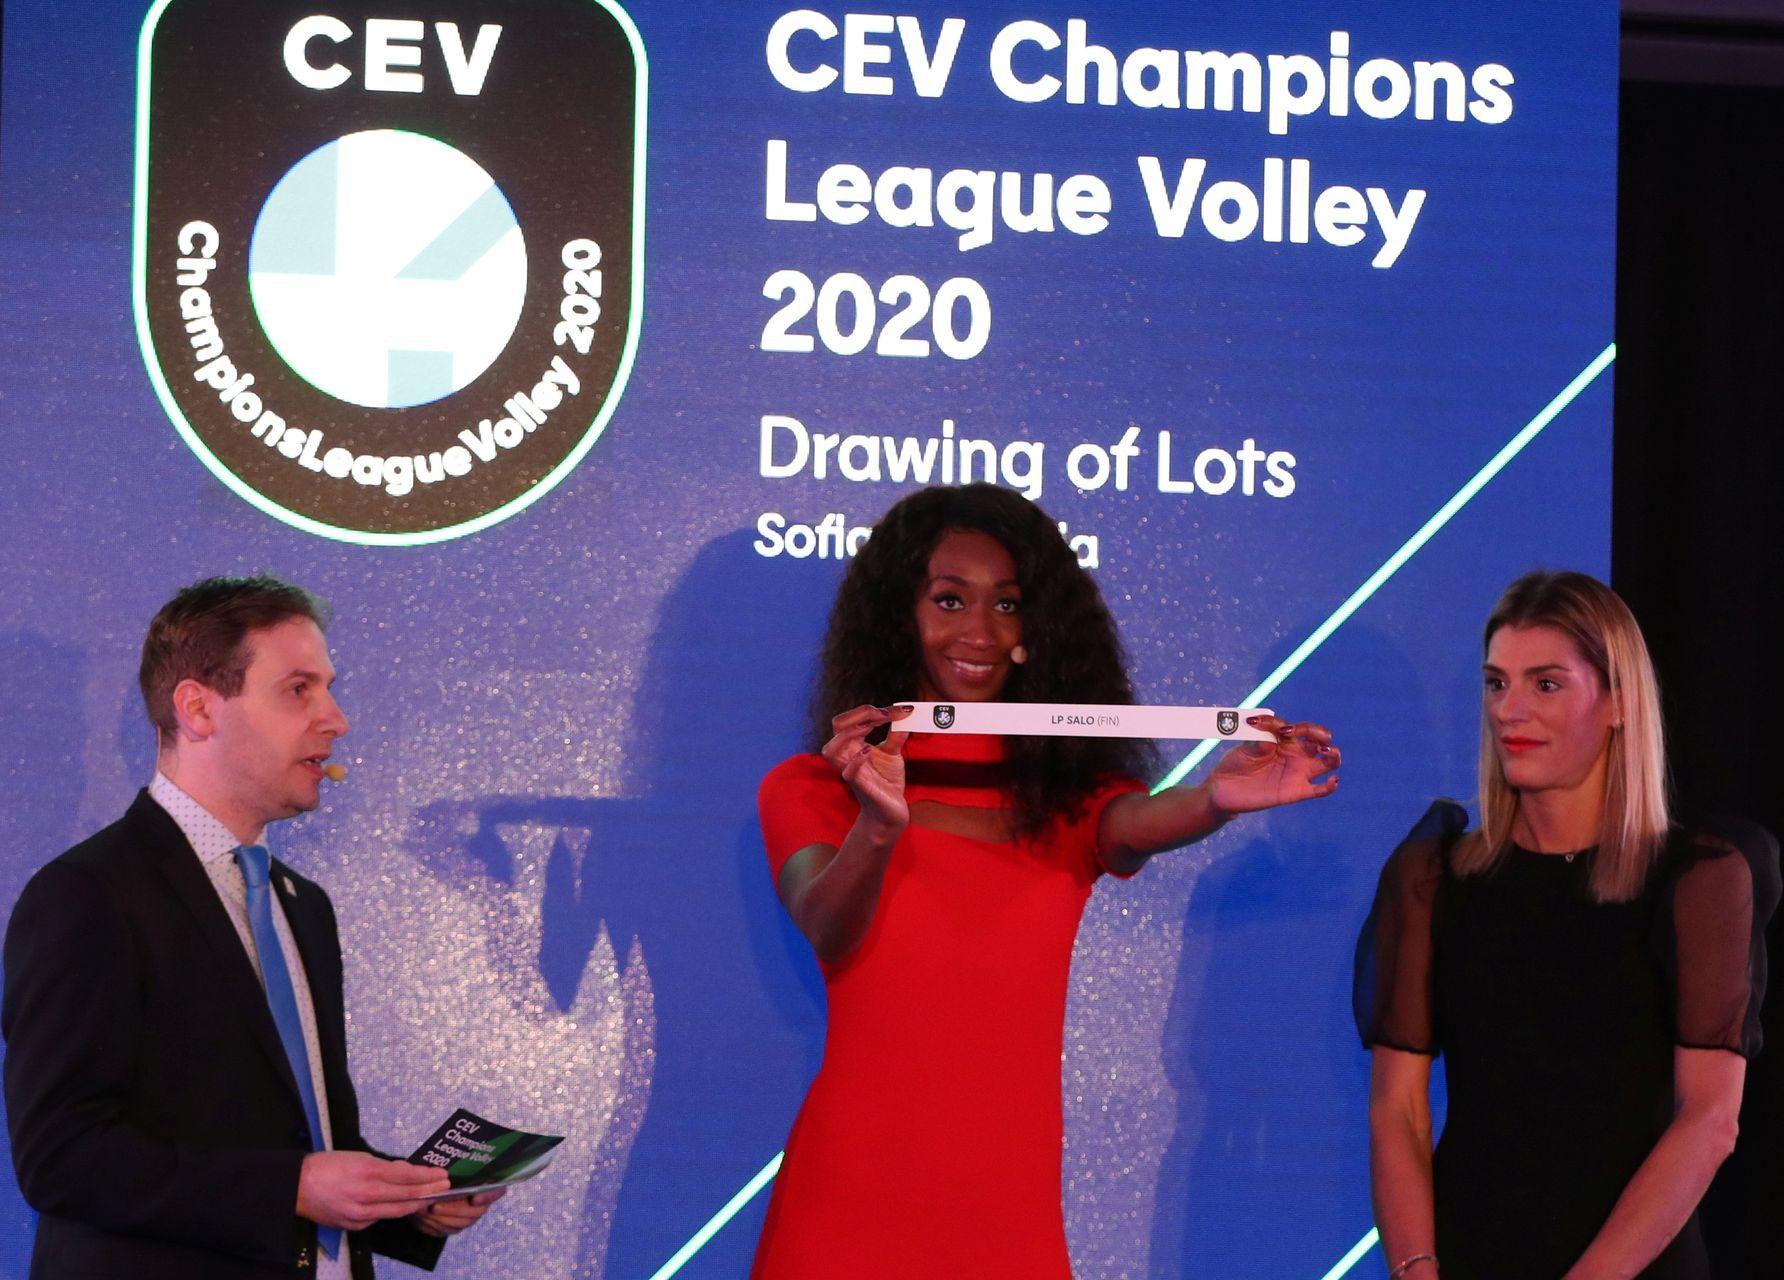 Les joueurs de l'Equipe de France présents à la CEV Champions League